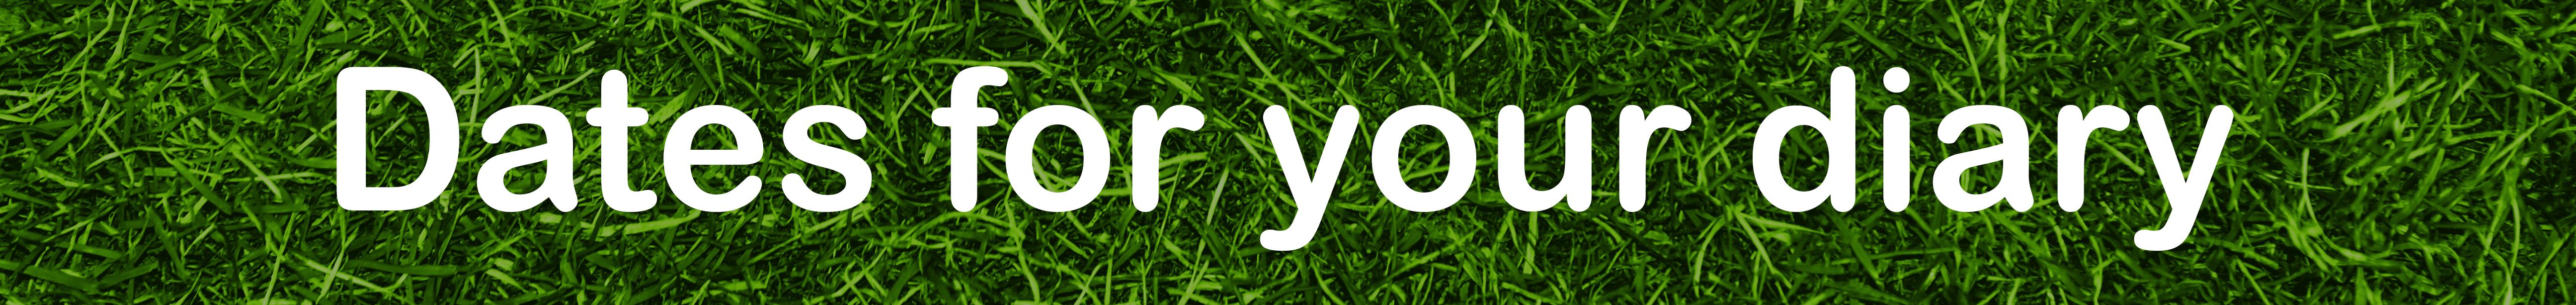 corporate_sustainability_blog_drayton_the_leaf_heading_3